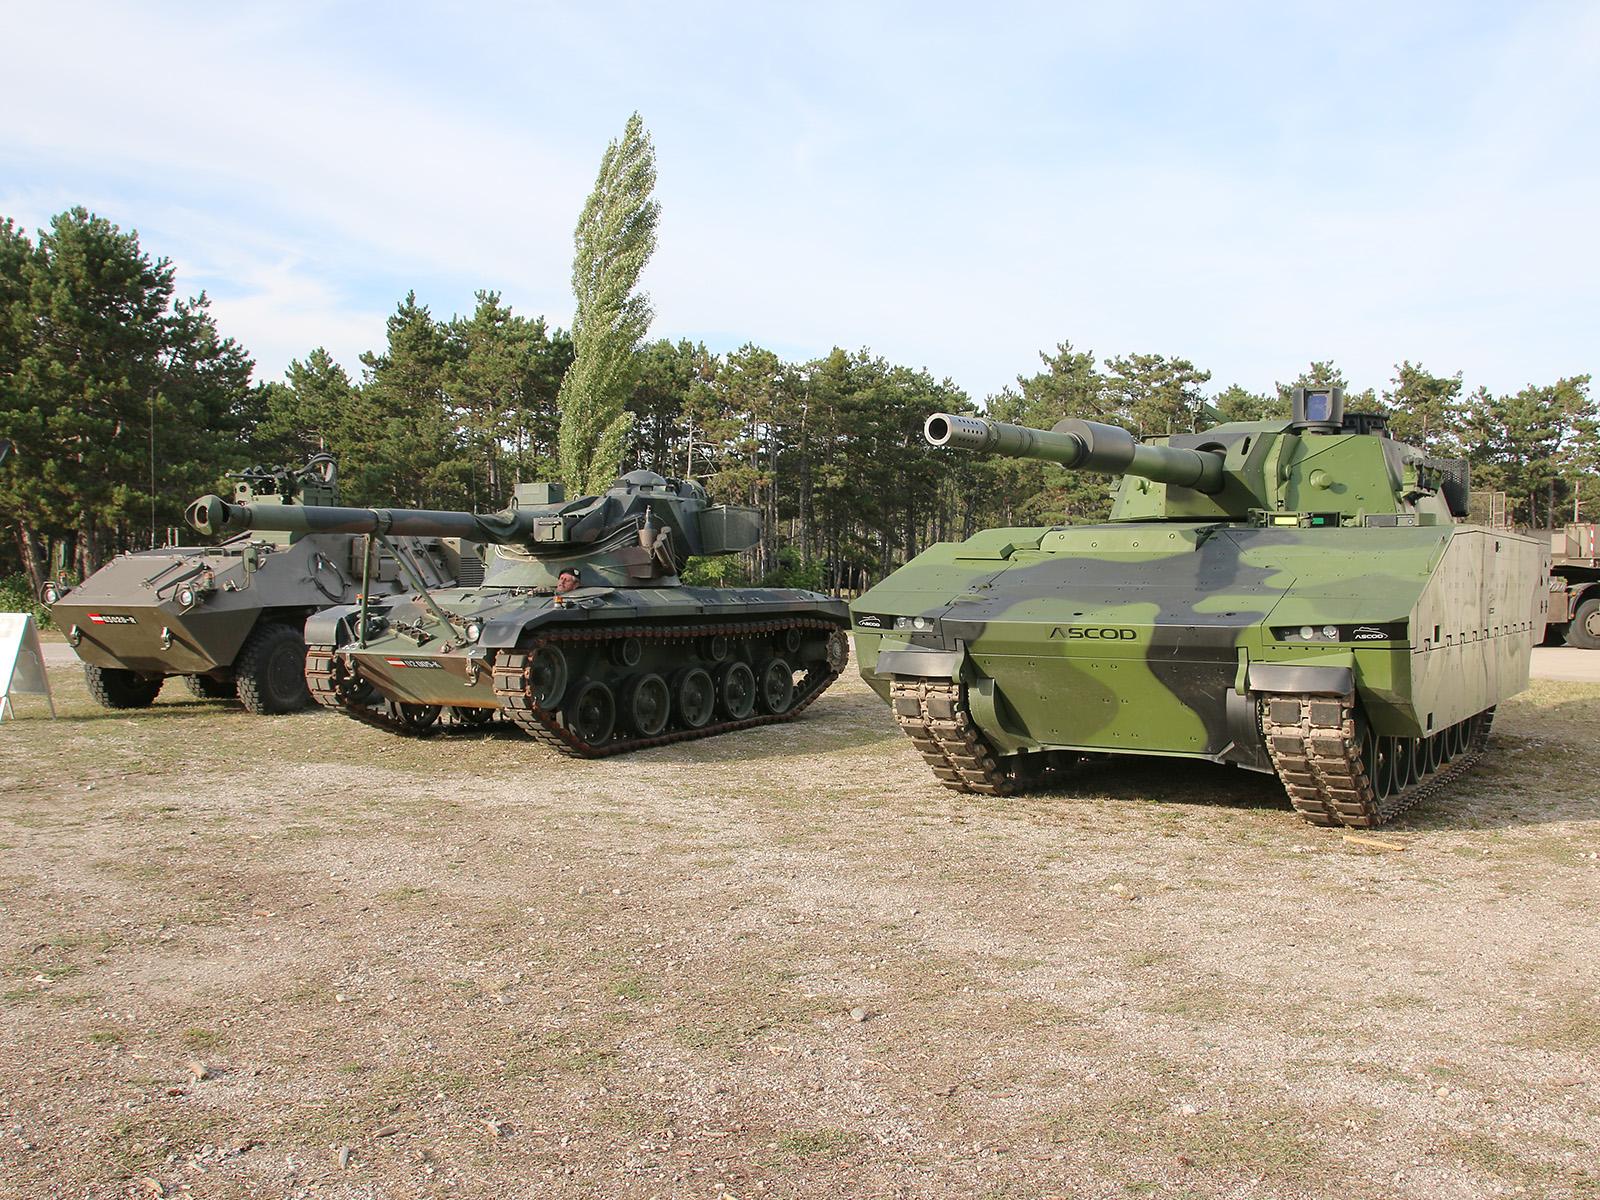 Drei Produkte von Steyr Spezialfahrzeuge / GDELS Steyr - Pandur, Kürassier, ASCOD 120 mm © Doppeladler.com